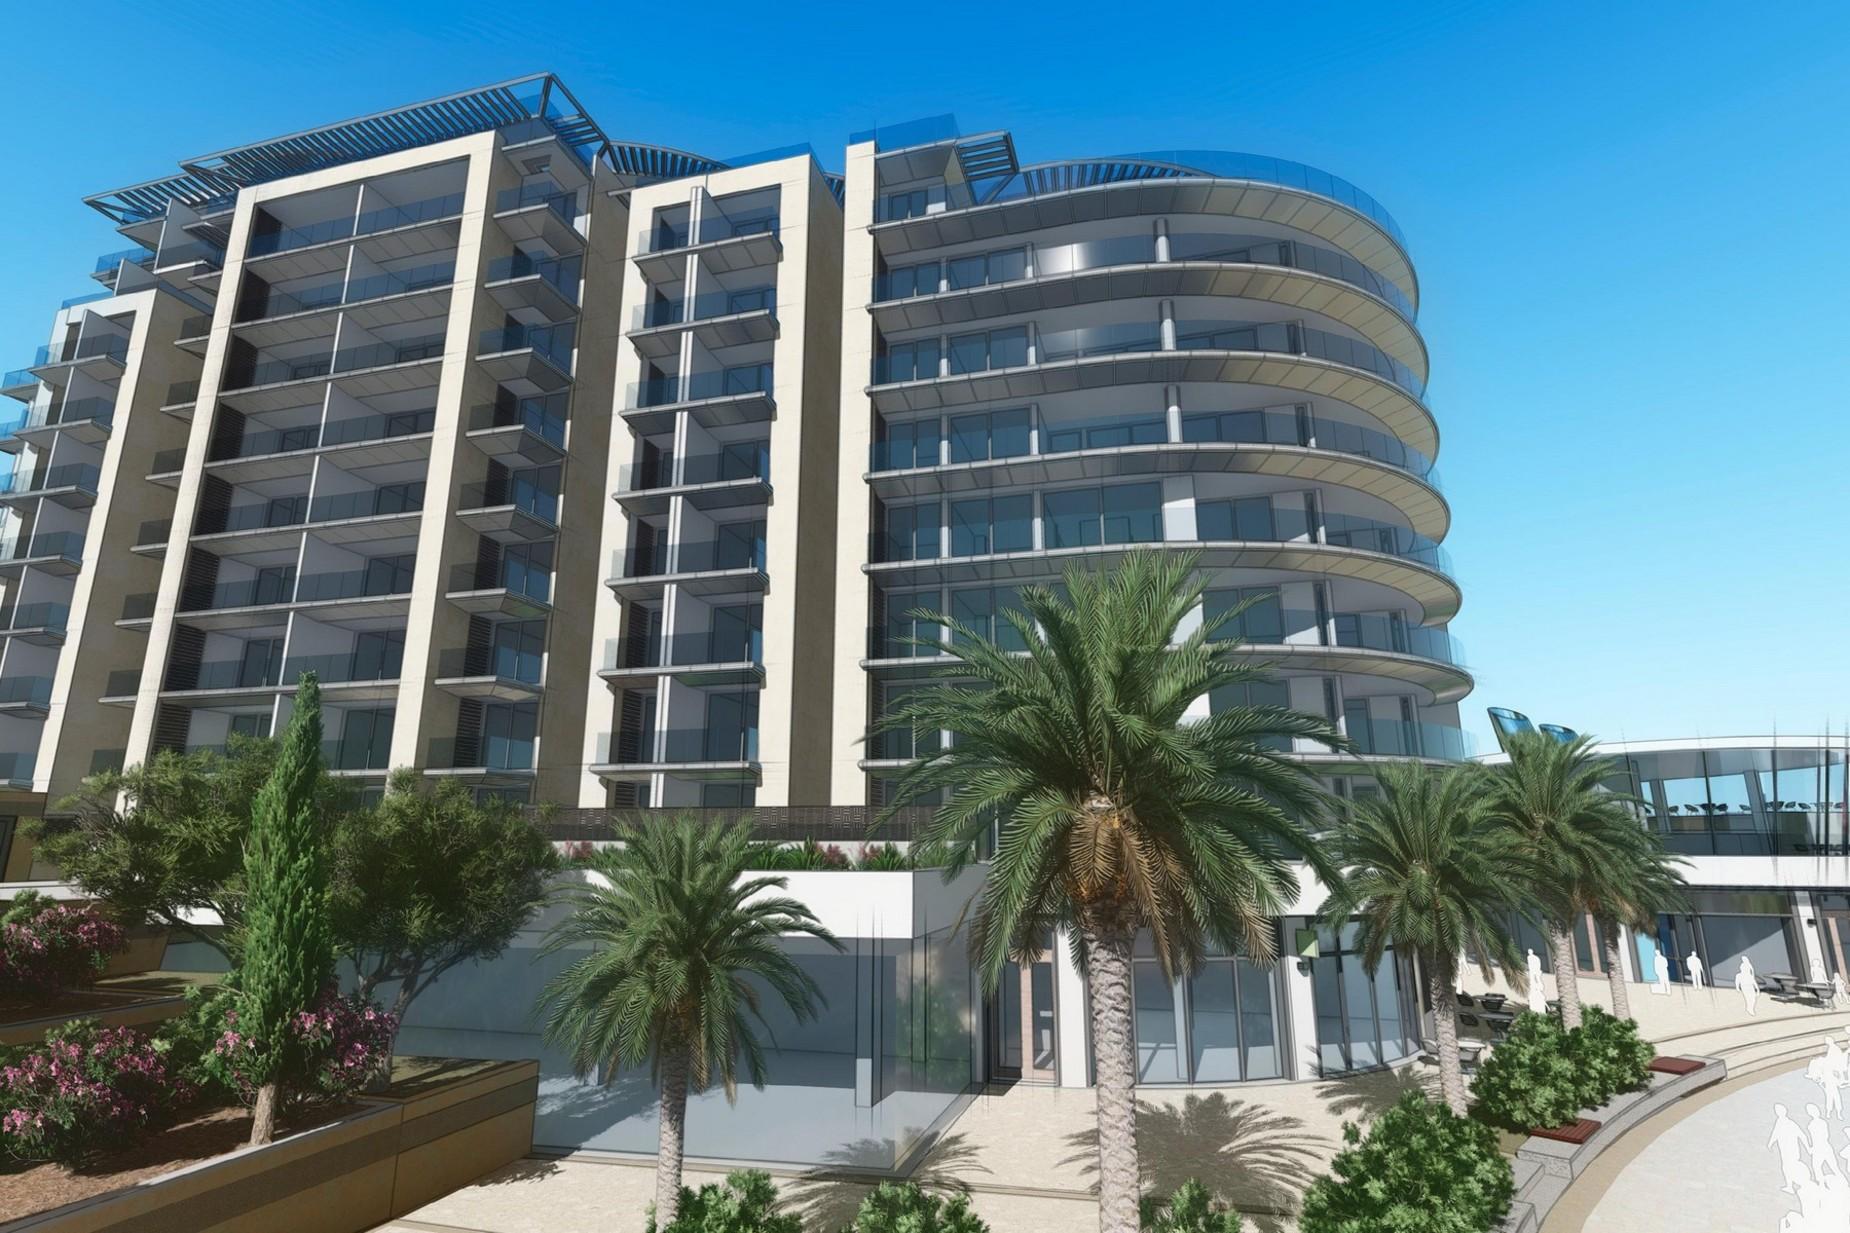 3 bed Apartment For Sale in Kalkara, Kalkara - thumb 10